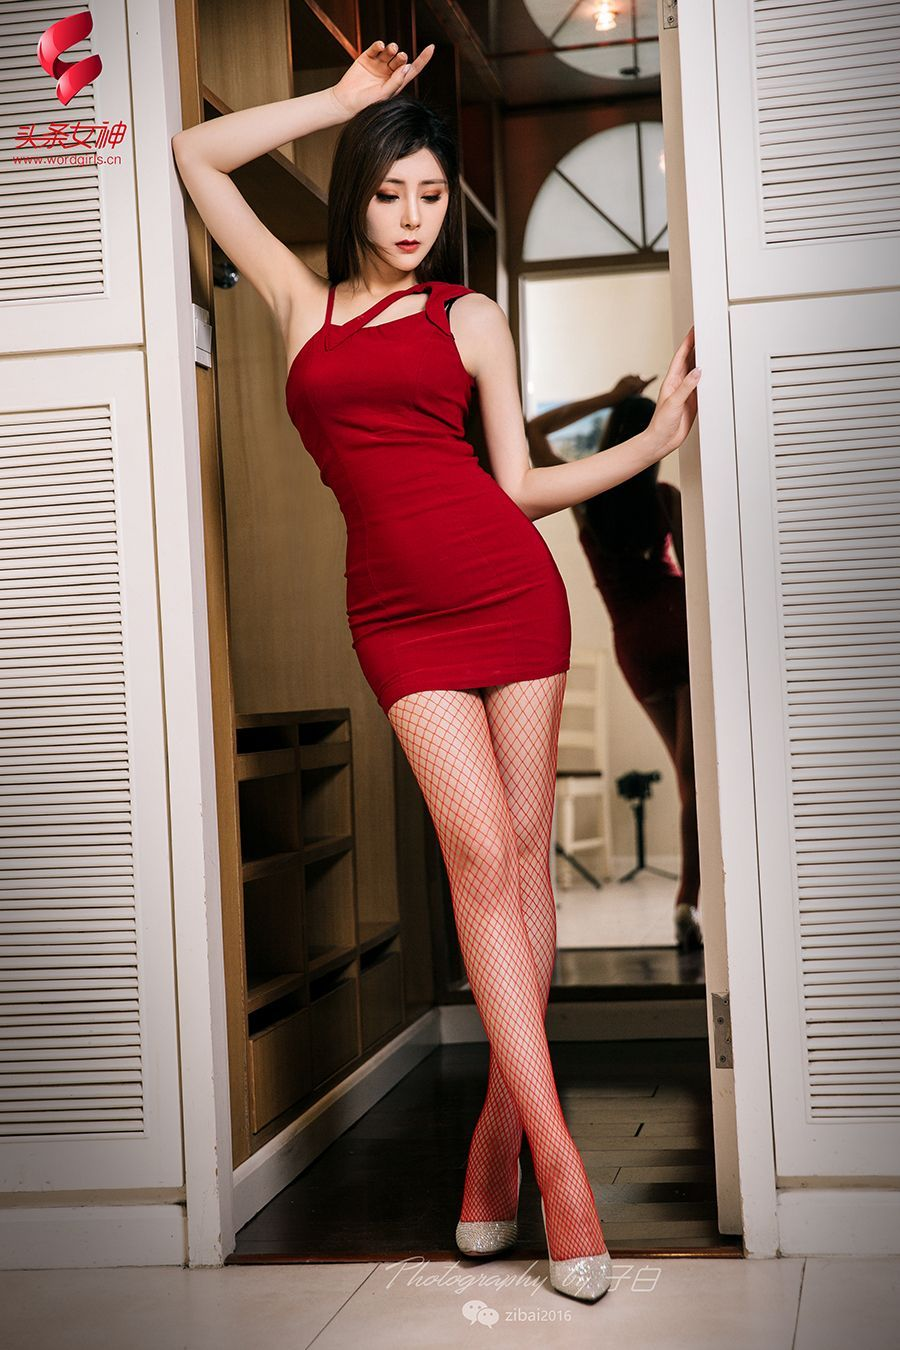 ADN-128性感小蛮腰身材美女内裤写真